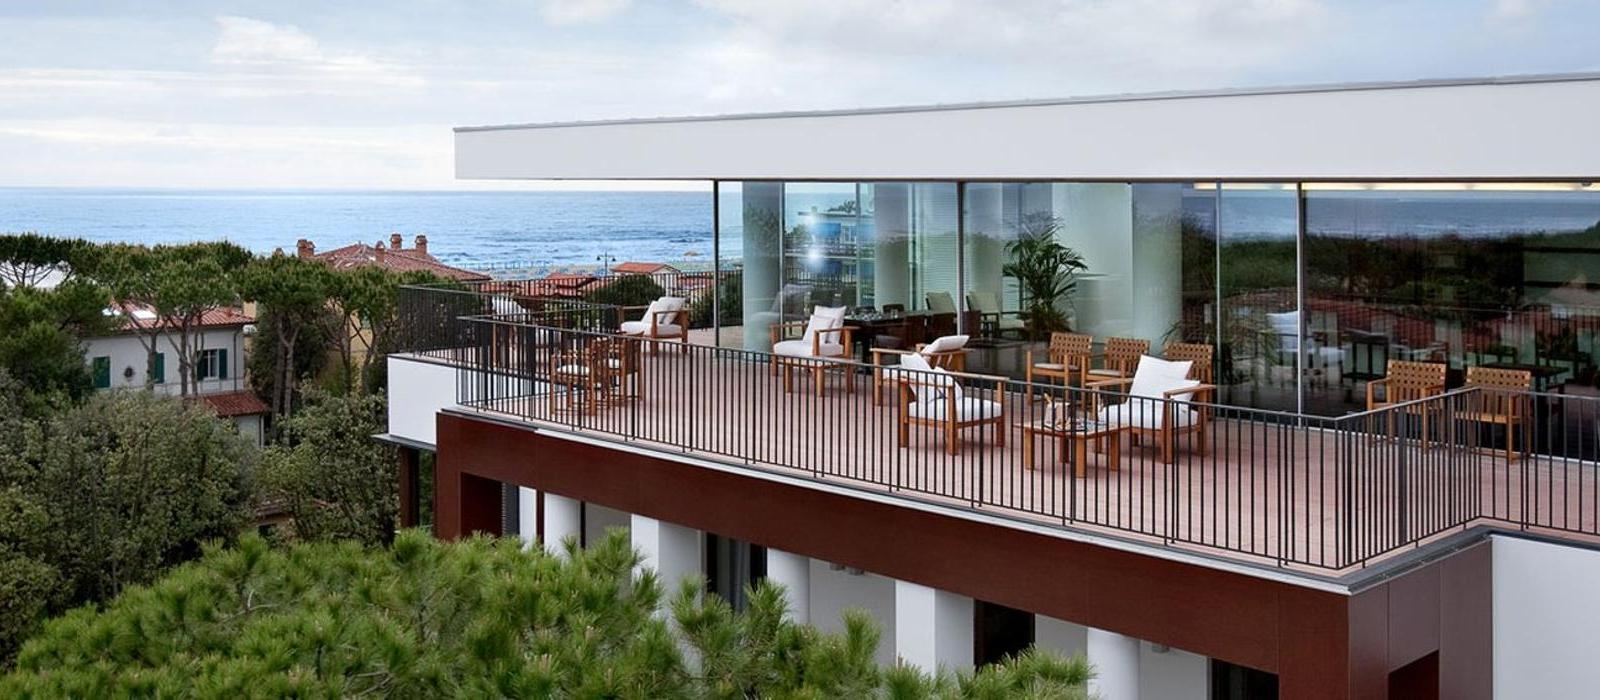 马尔米堡普林西比酒店(Principe Forte dei Marmi) 图片  www.lhw.cn